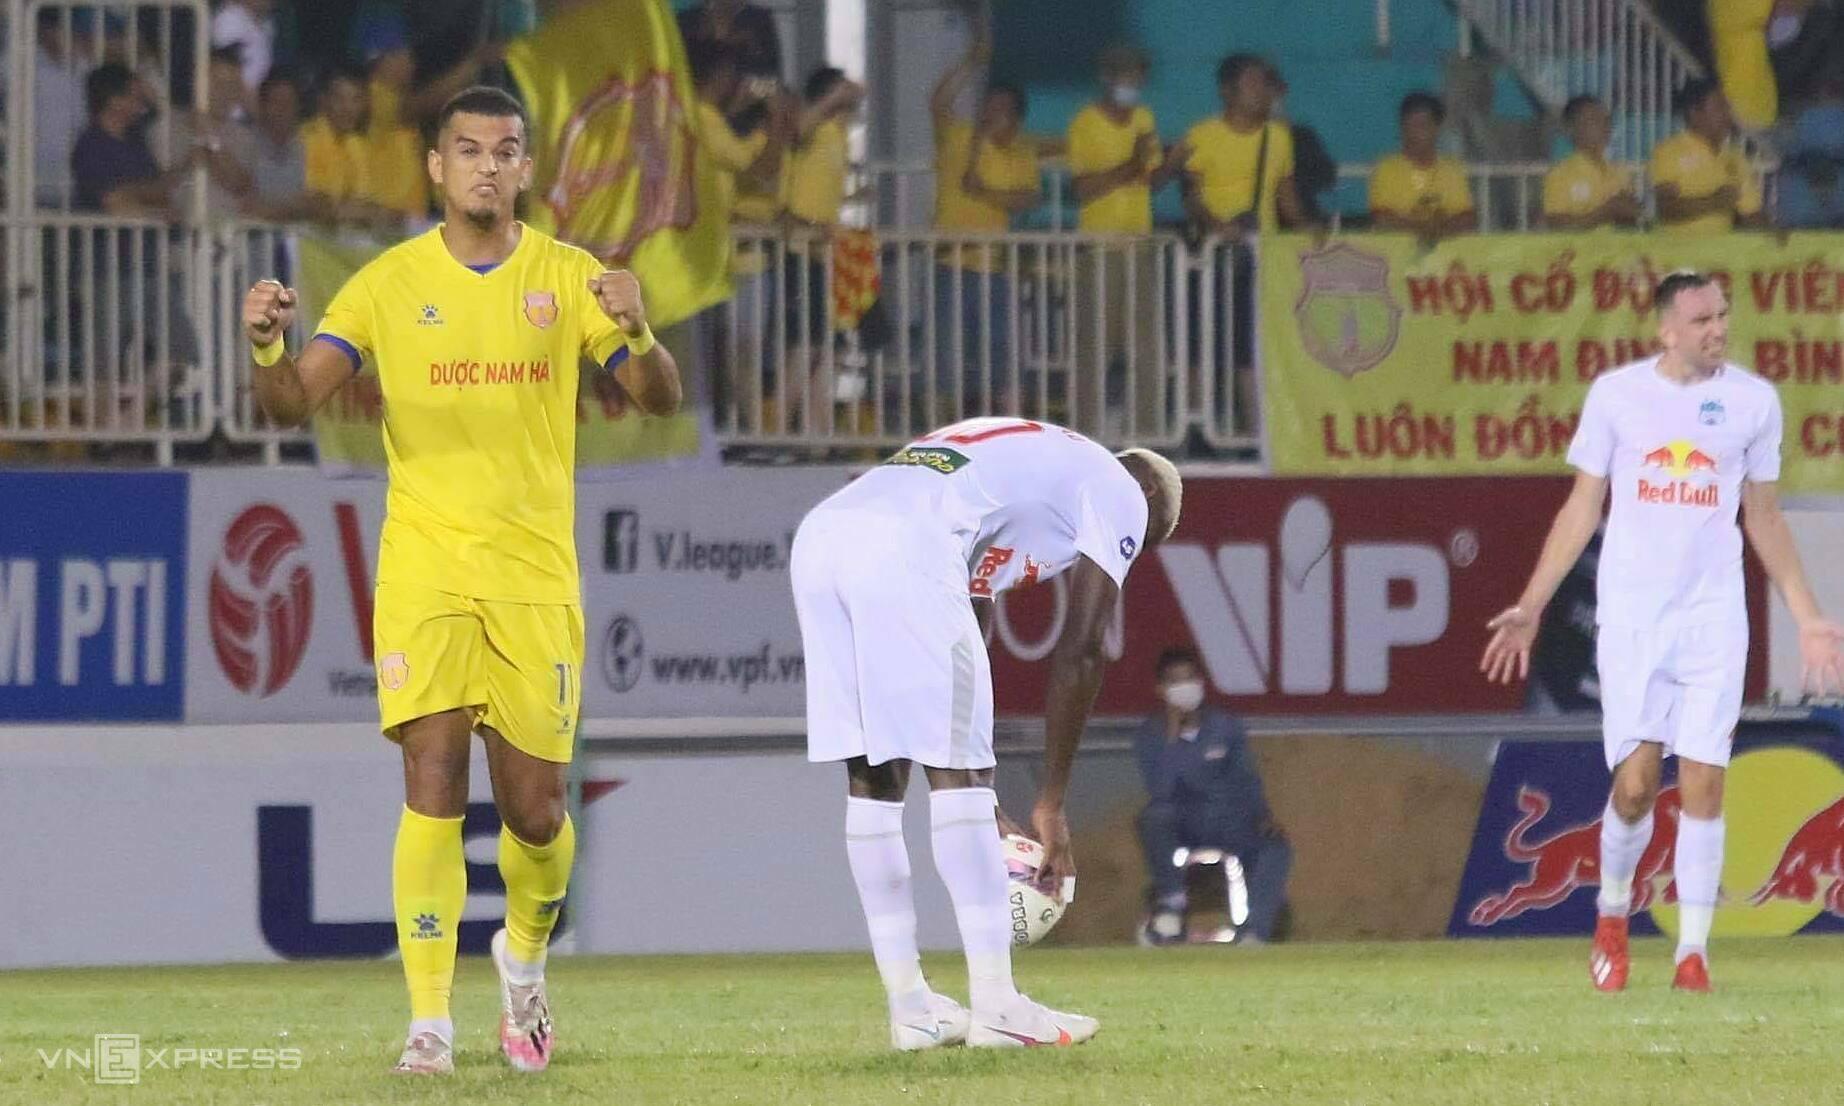 Nam Dinh membalikkan keadaan, menyamakan kedudukan 3-3 setelah menjadi 0-3, tetapi masih belum bisa pergi dengan satu poin.  Foto: Dong Huyen